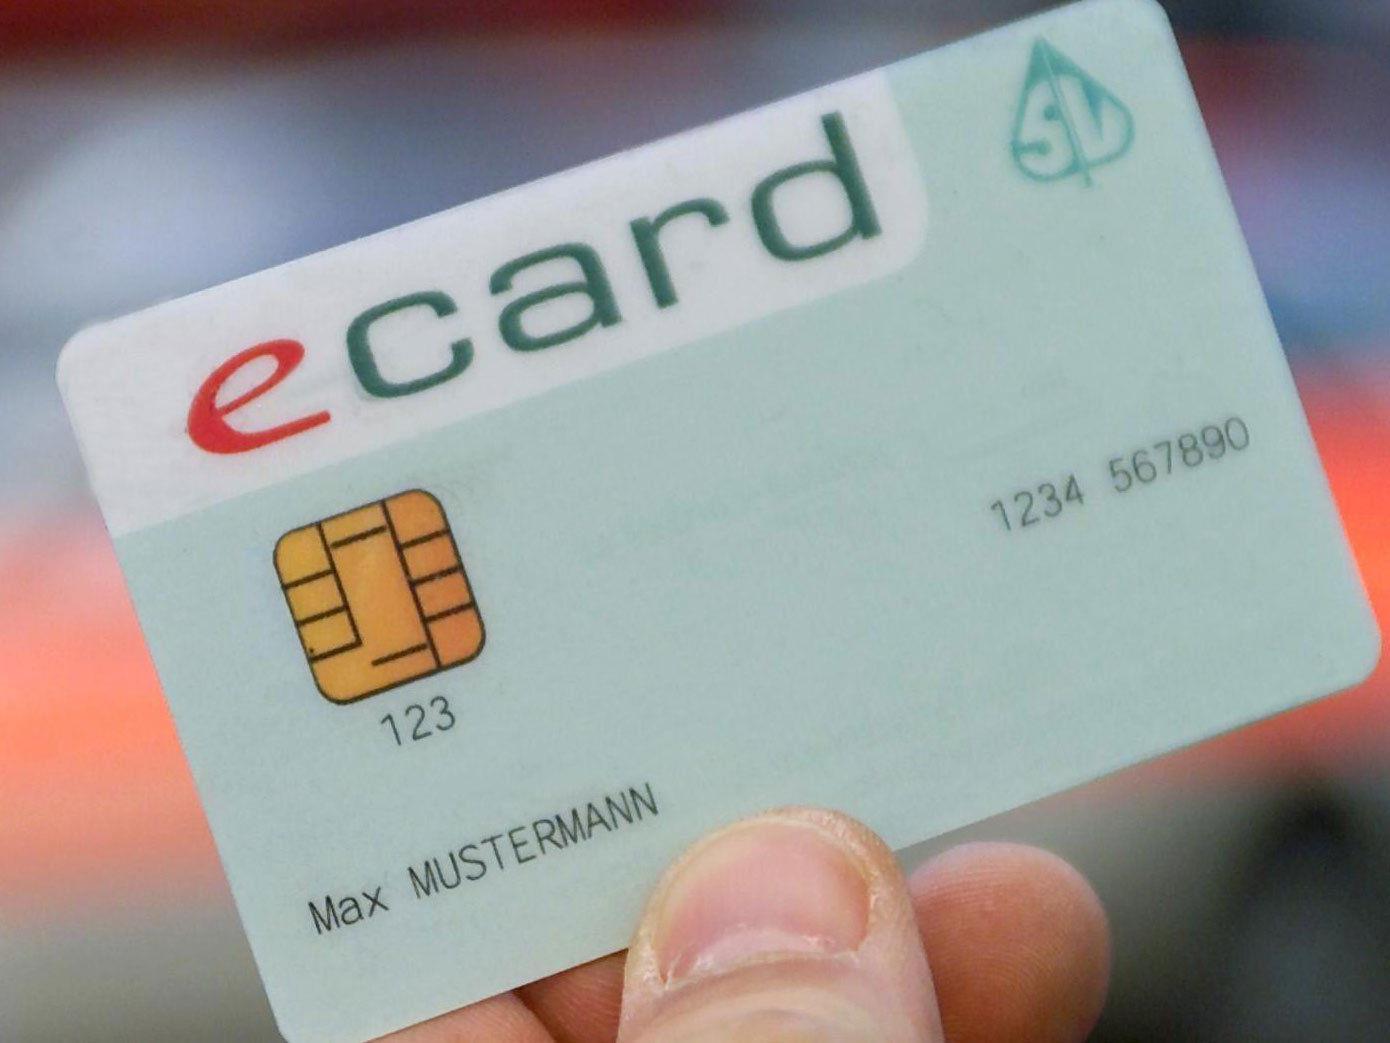 Durch die Maßnahmen soll E-Card-Missbrauch verhindert werden.